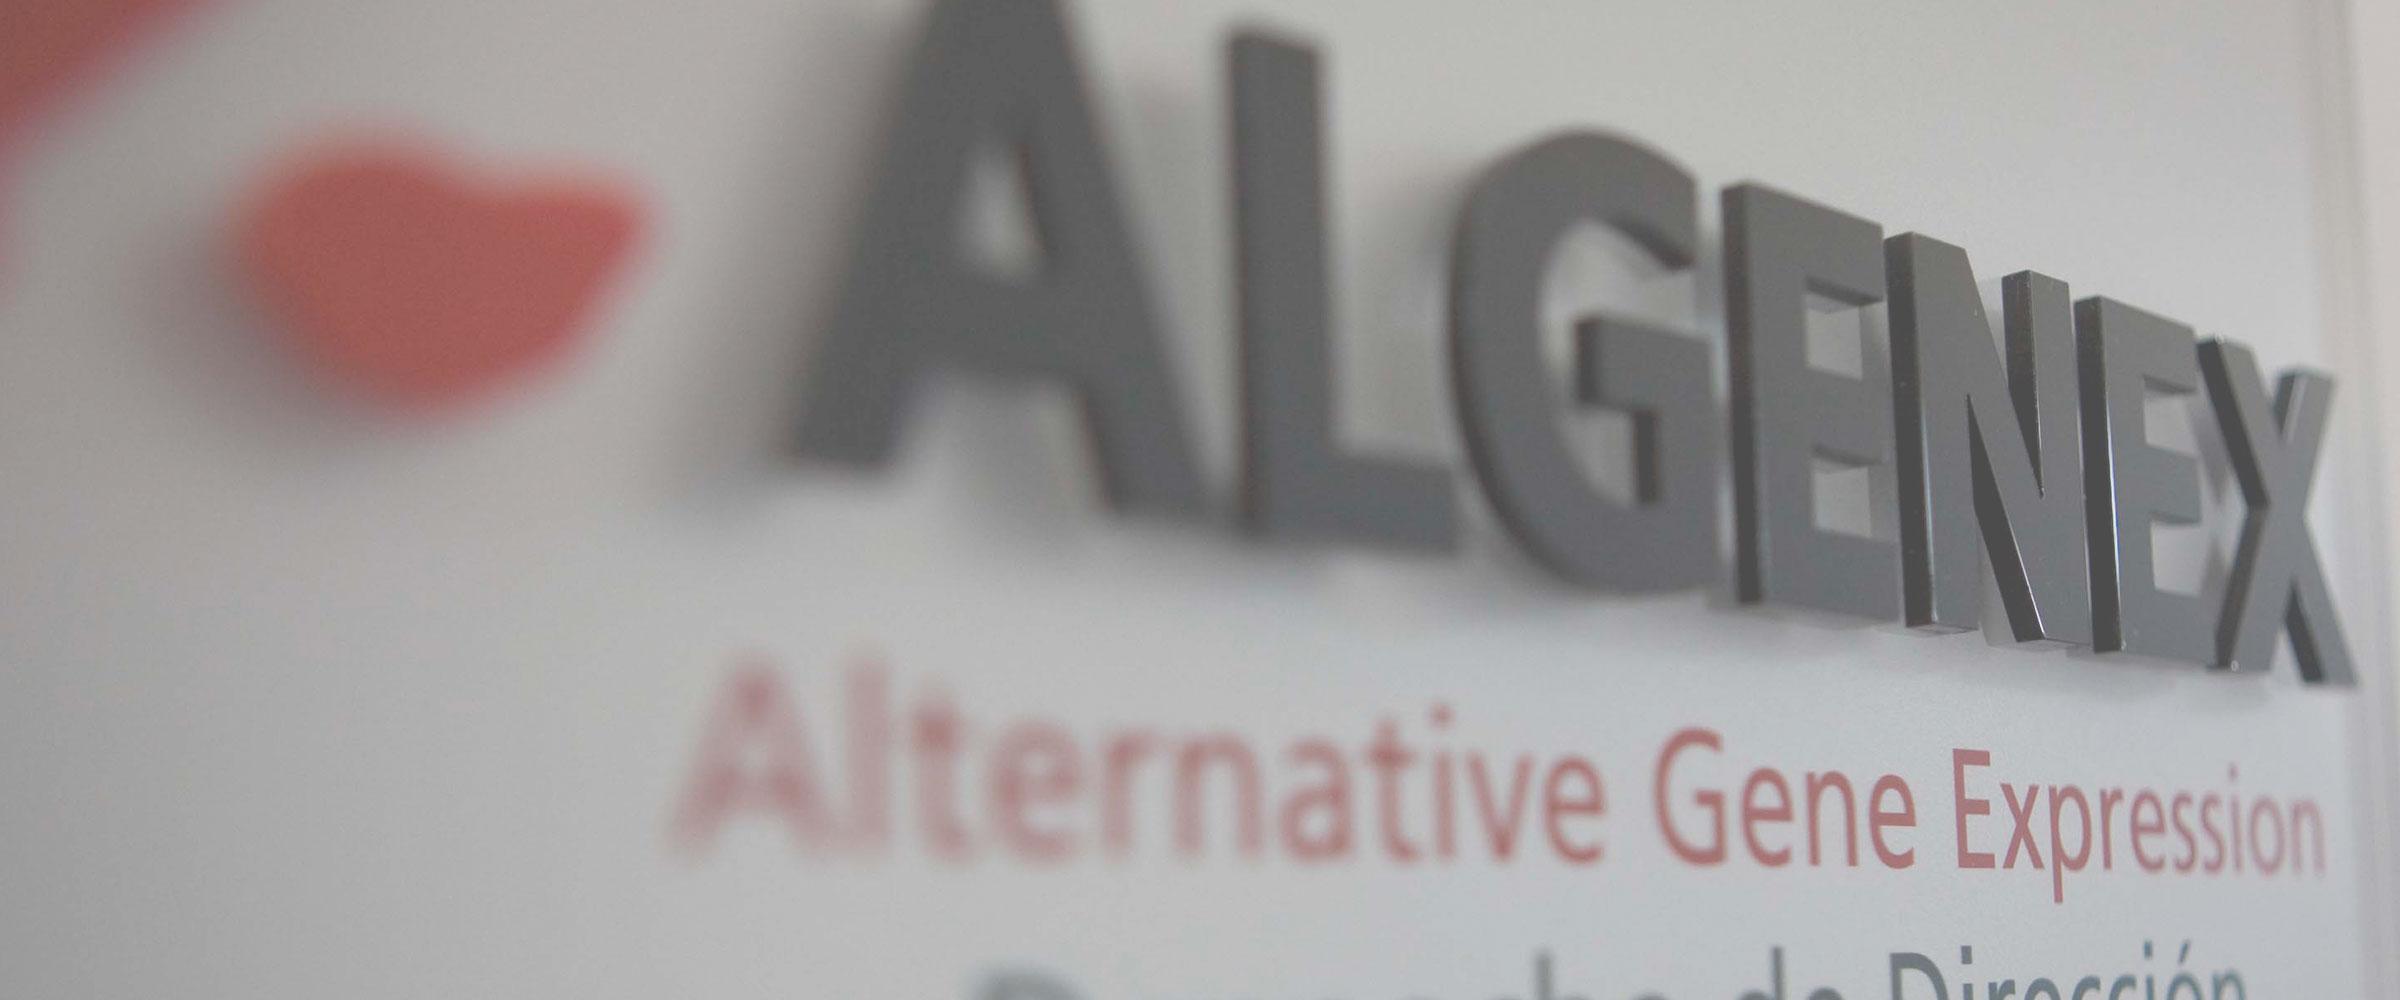 Algenex entra en el mercado de los biocomponentes con la fabricación a gran escala de proteínas de alta calidad